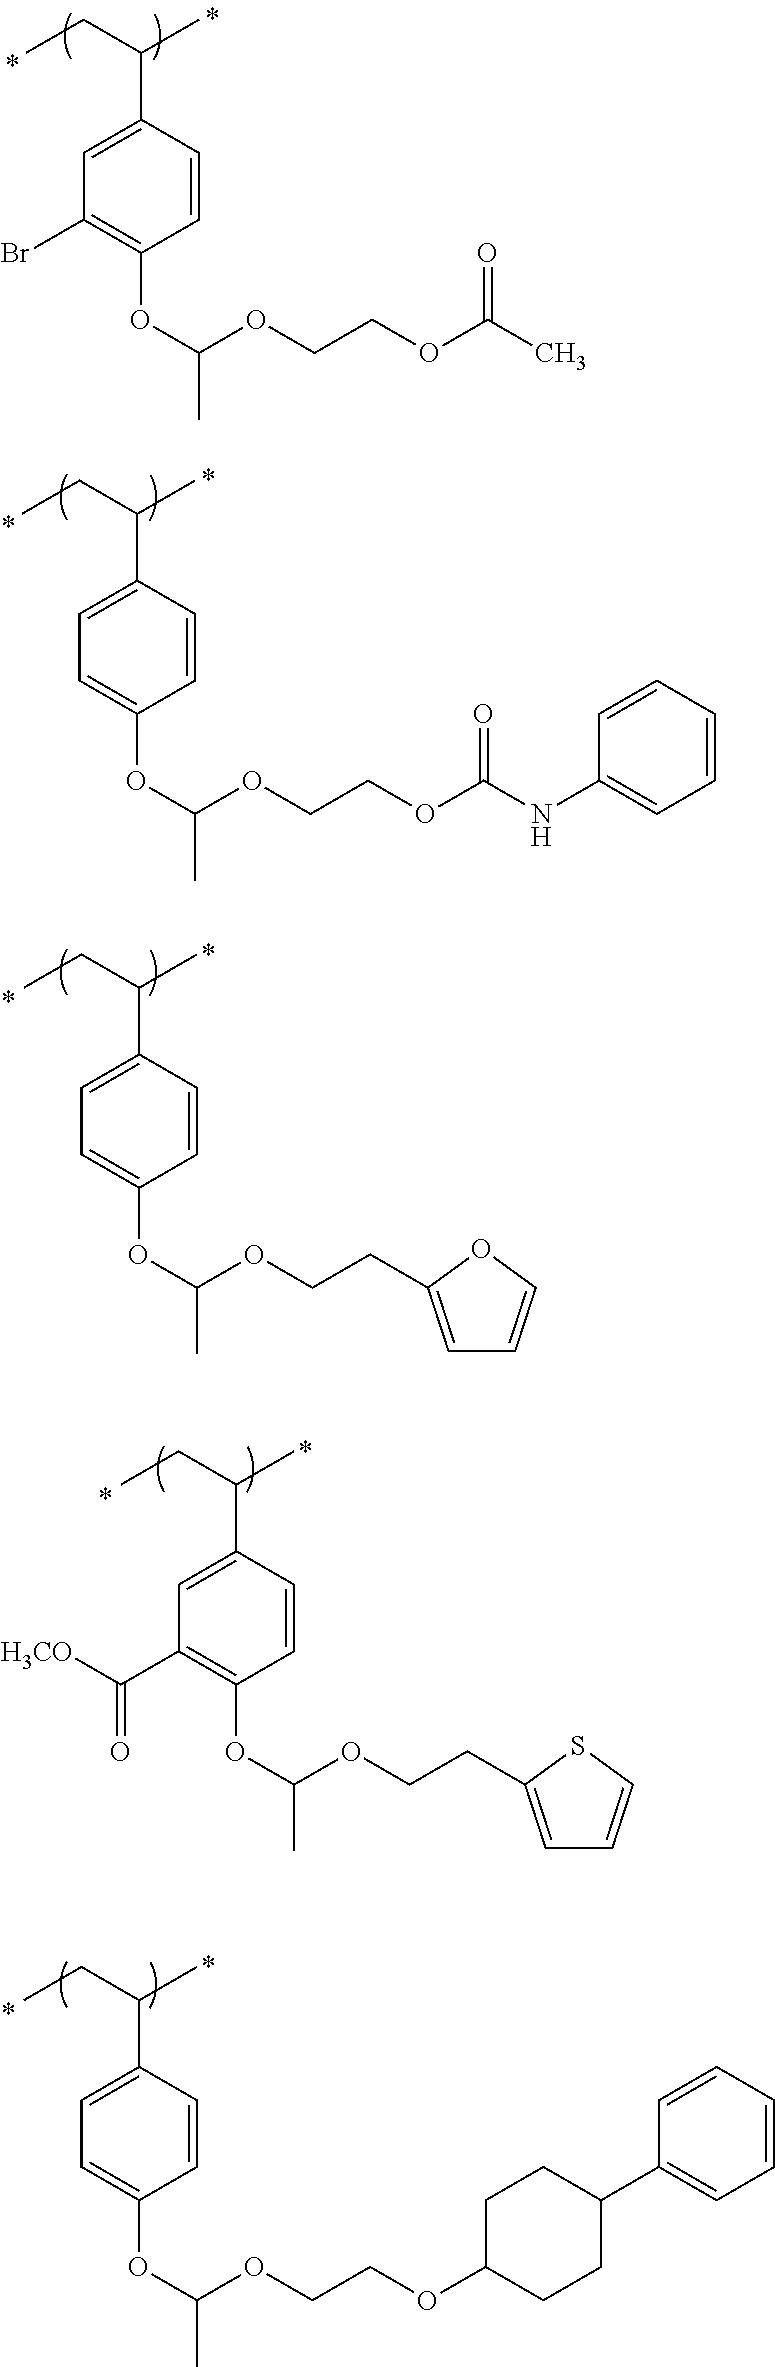 Figure US20110183258A1-20110728-C00064